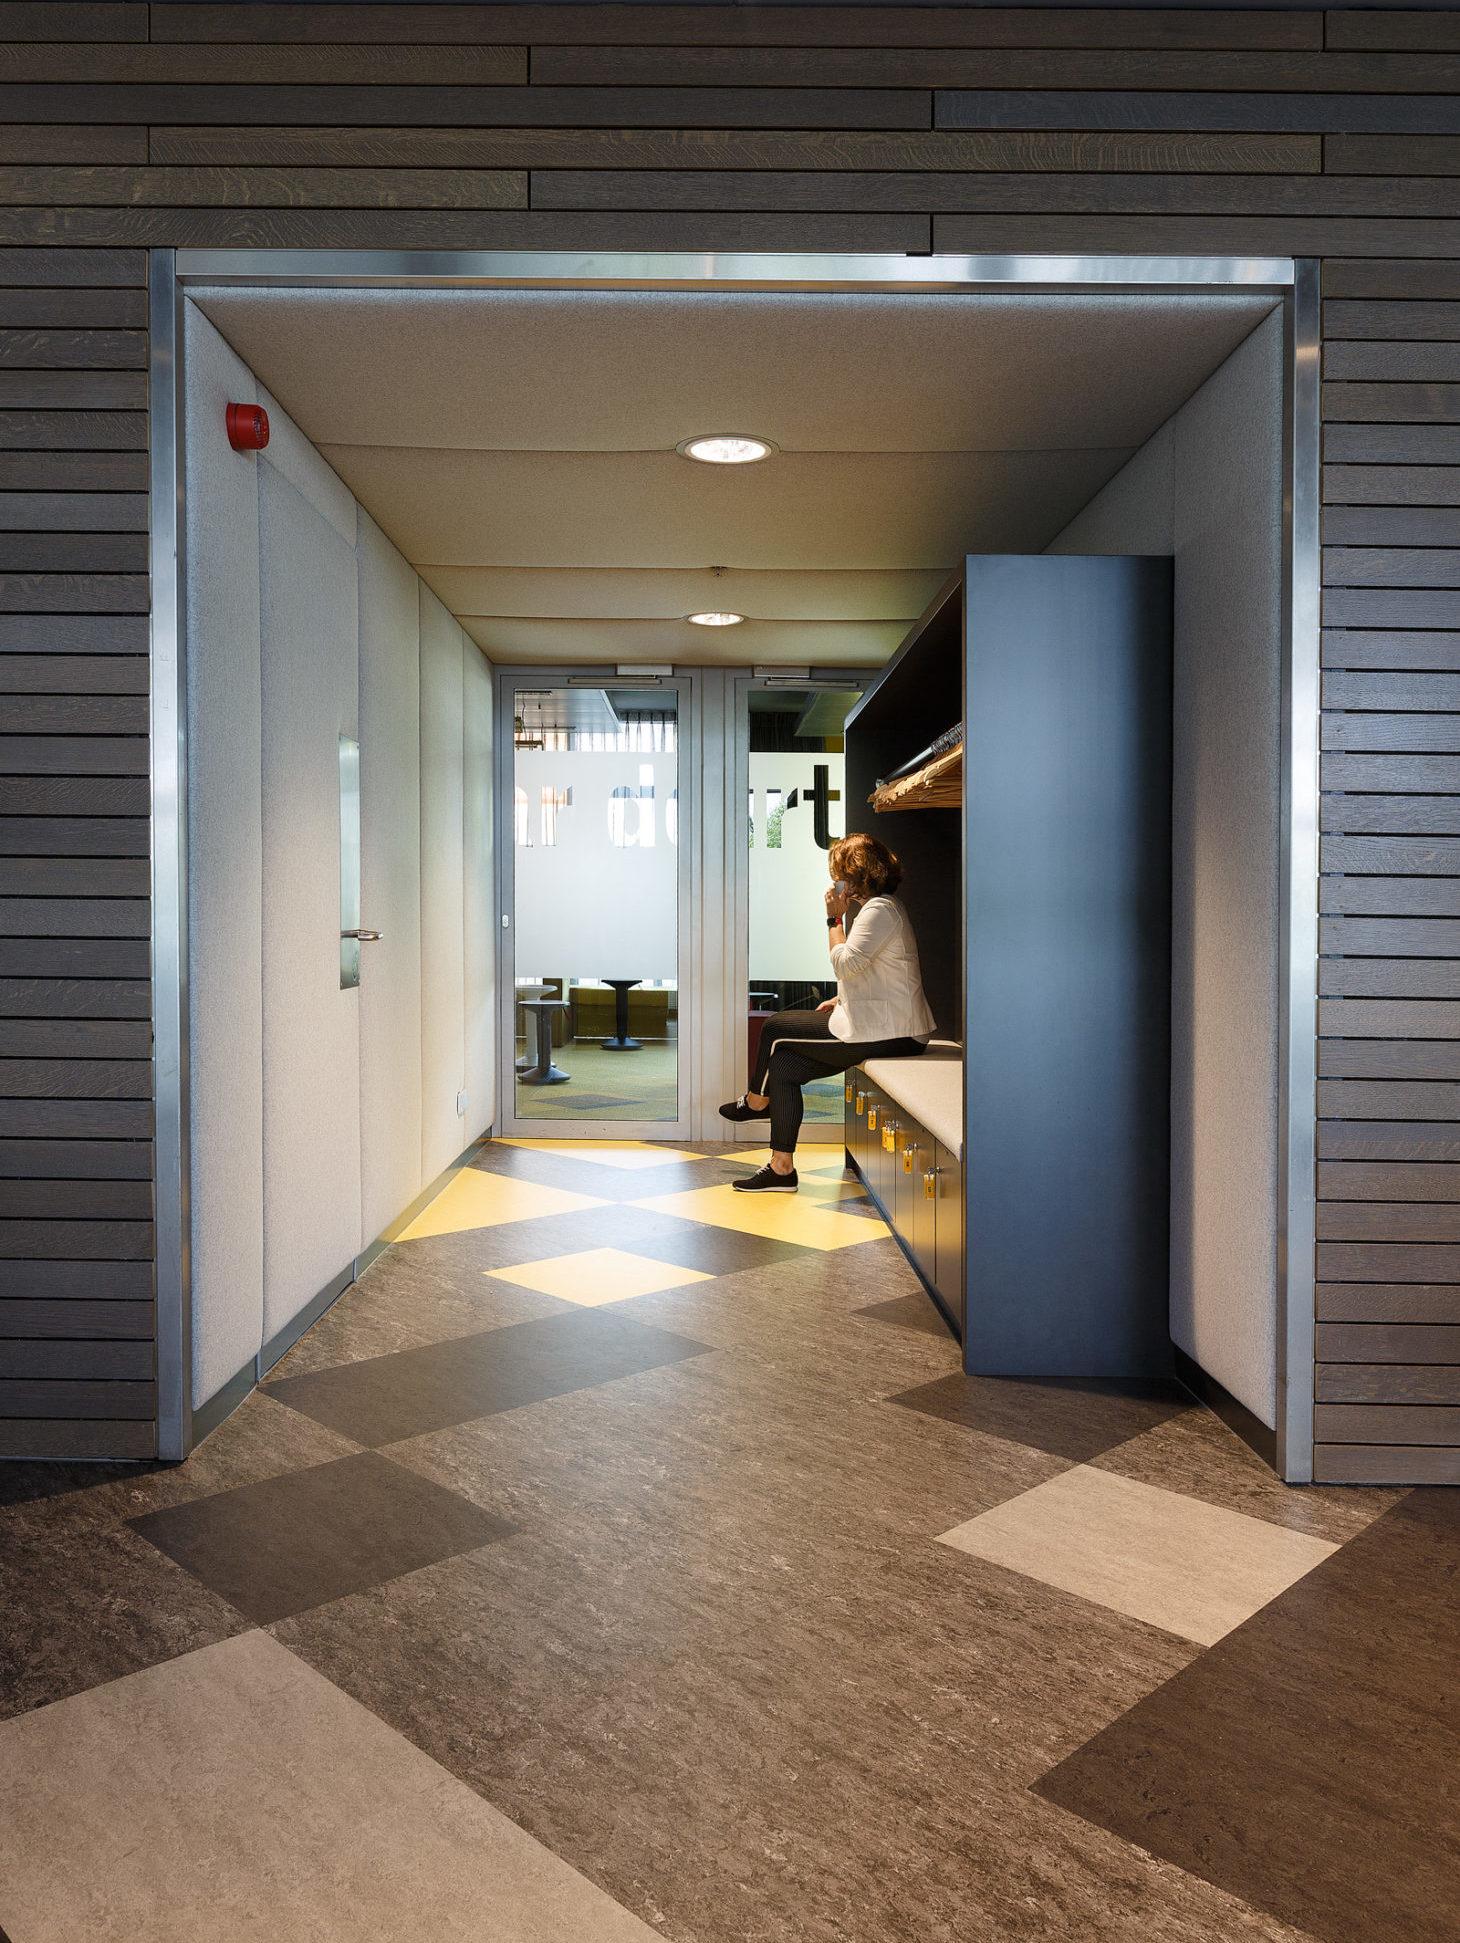 Topperprojecten - Nederlands Instituut voor Beeld en Geluid 6